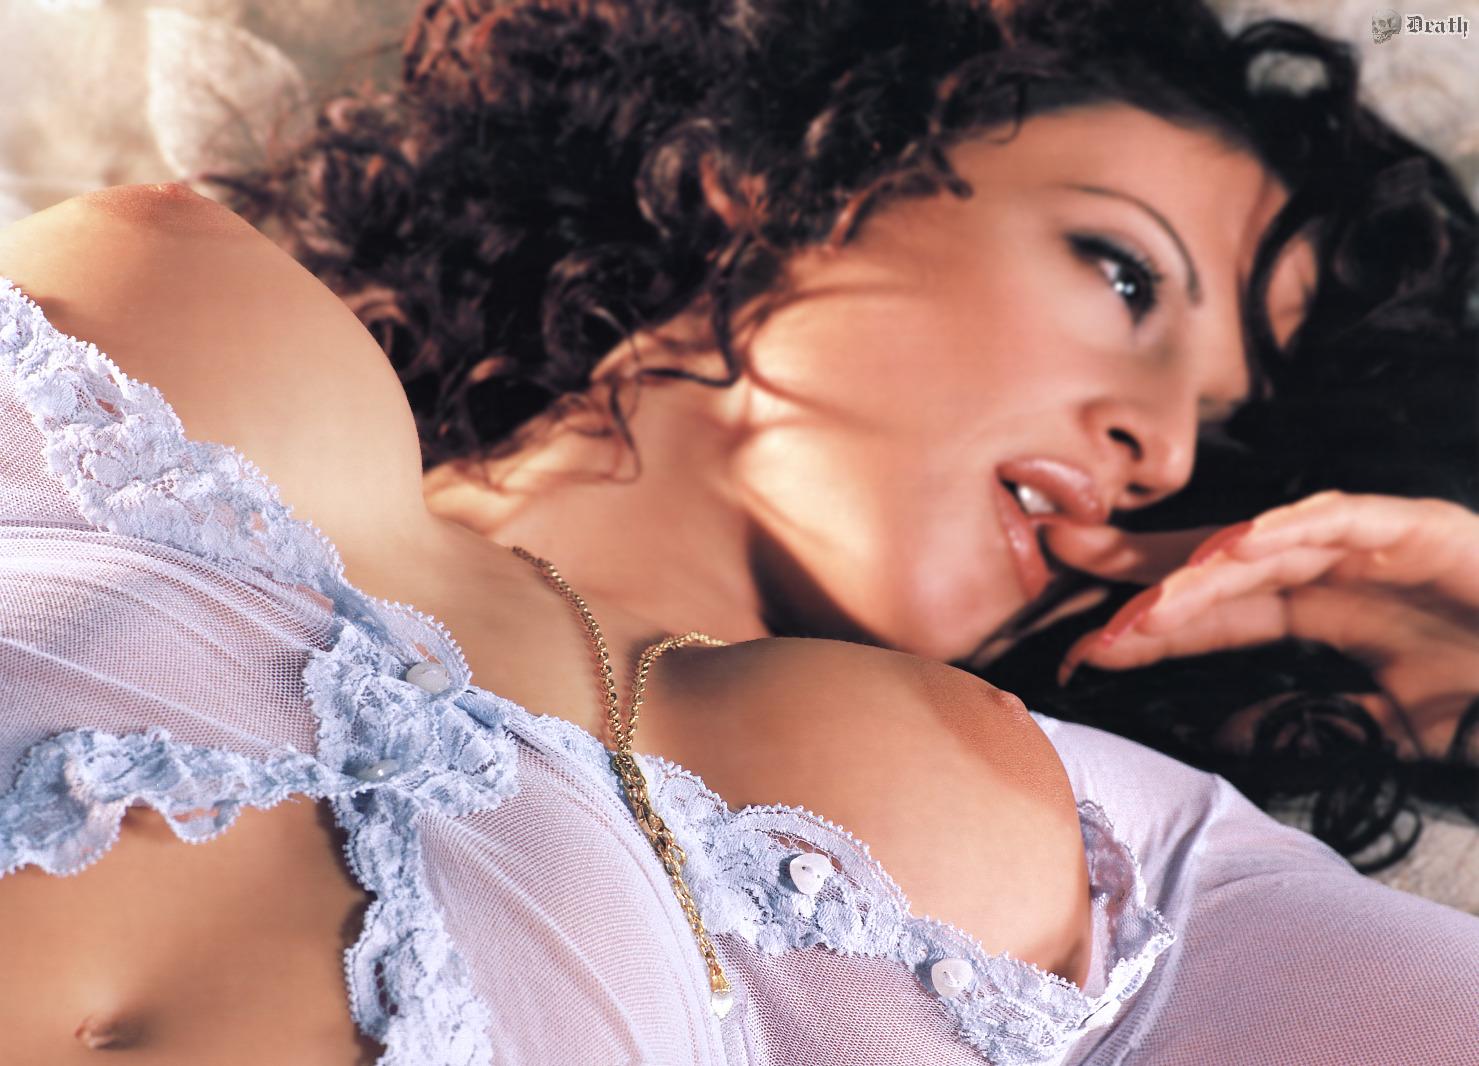 Эротический сайт вид для телефона, Порно 3gp и mp4 скачать на мобильный на телефон 9 фотография